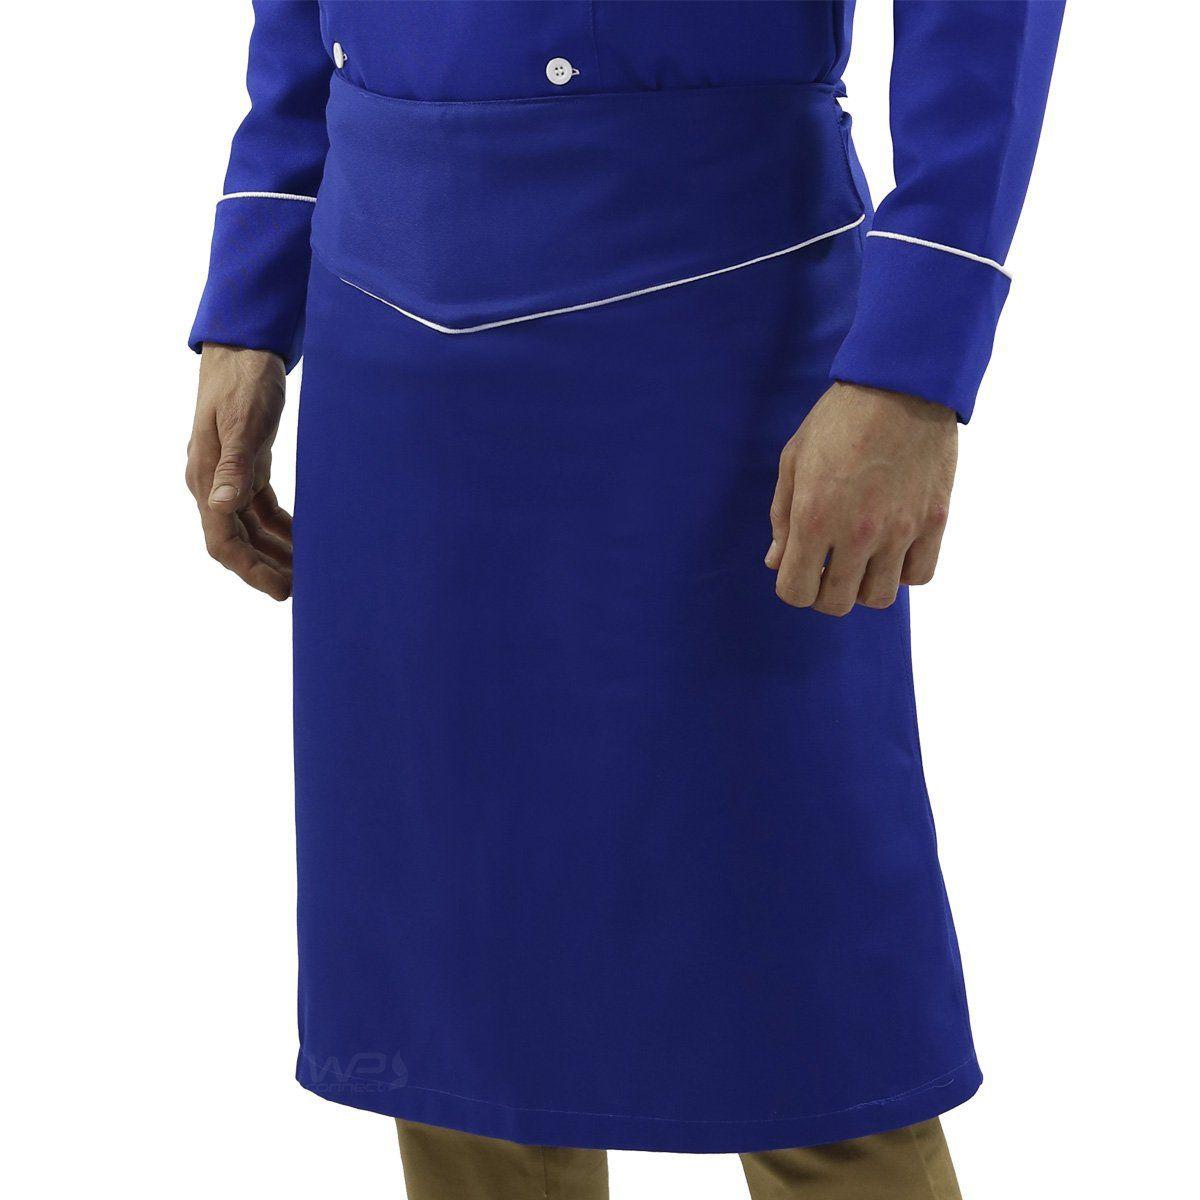 Avental de Cintura Tipo Saia Chef Cozinheiro Confeiteiro Azul/Branco